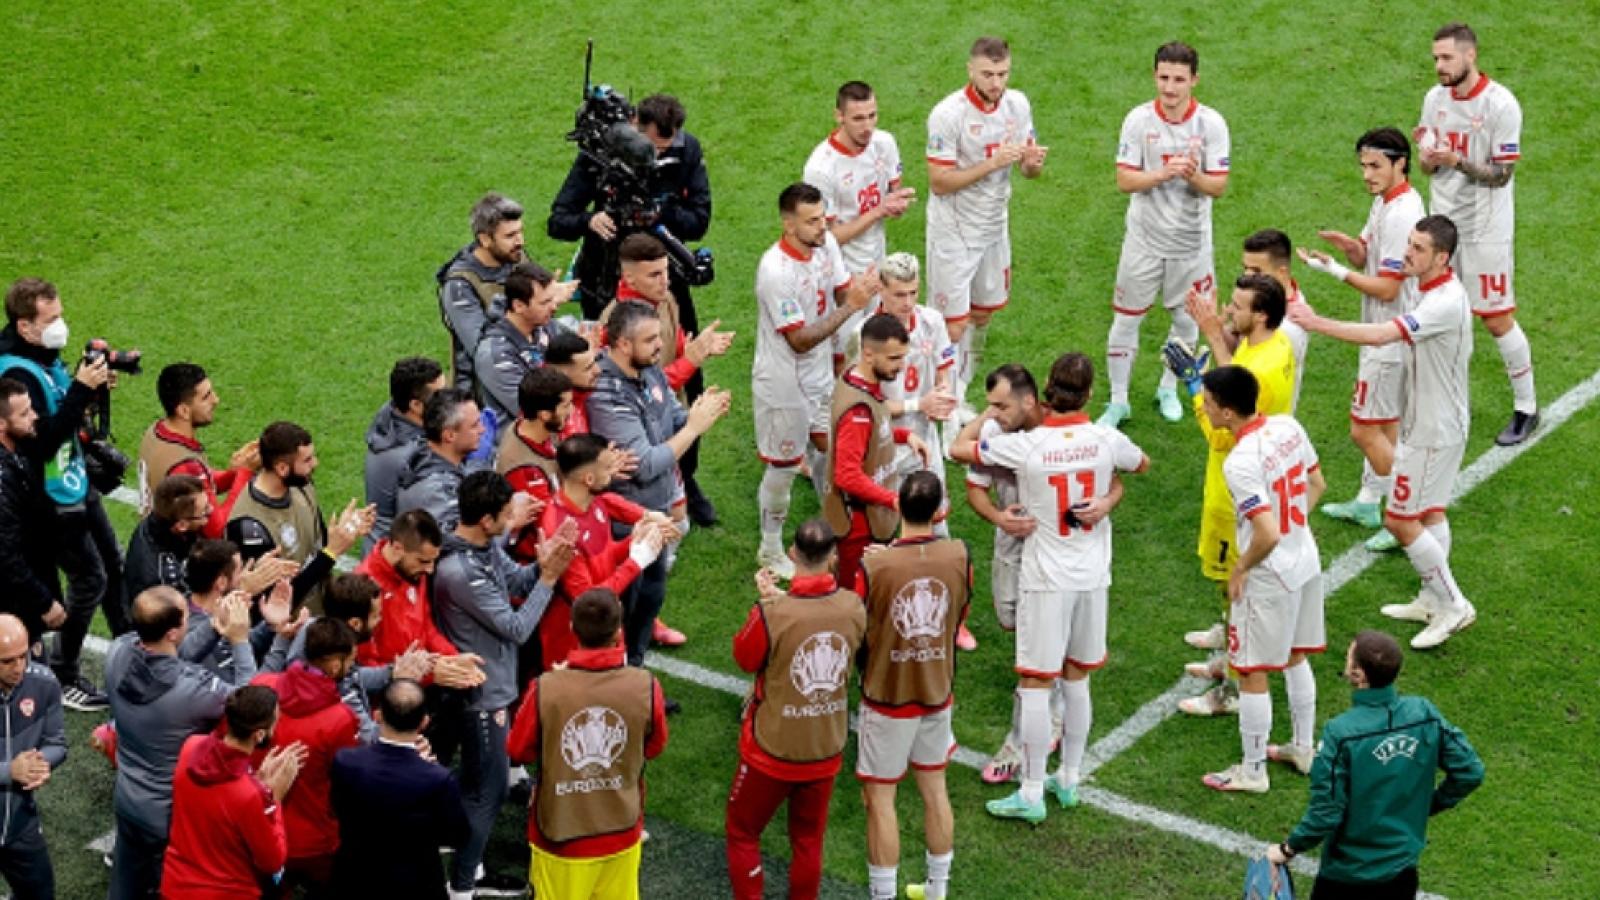 Xúc động hình ảnh của Goran Pandev ở trận Bắc Macedonia 0-3 Hà Lan